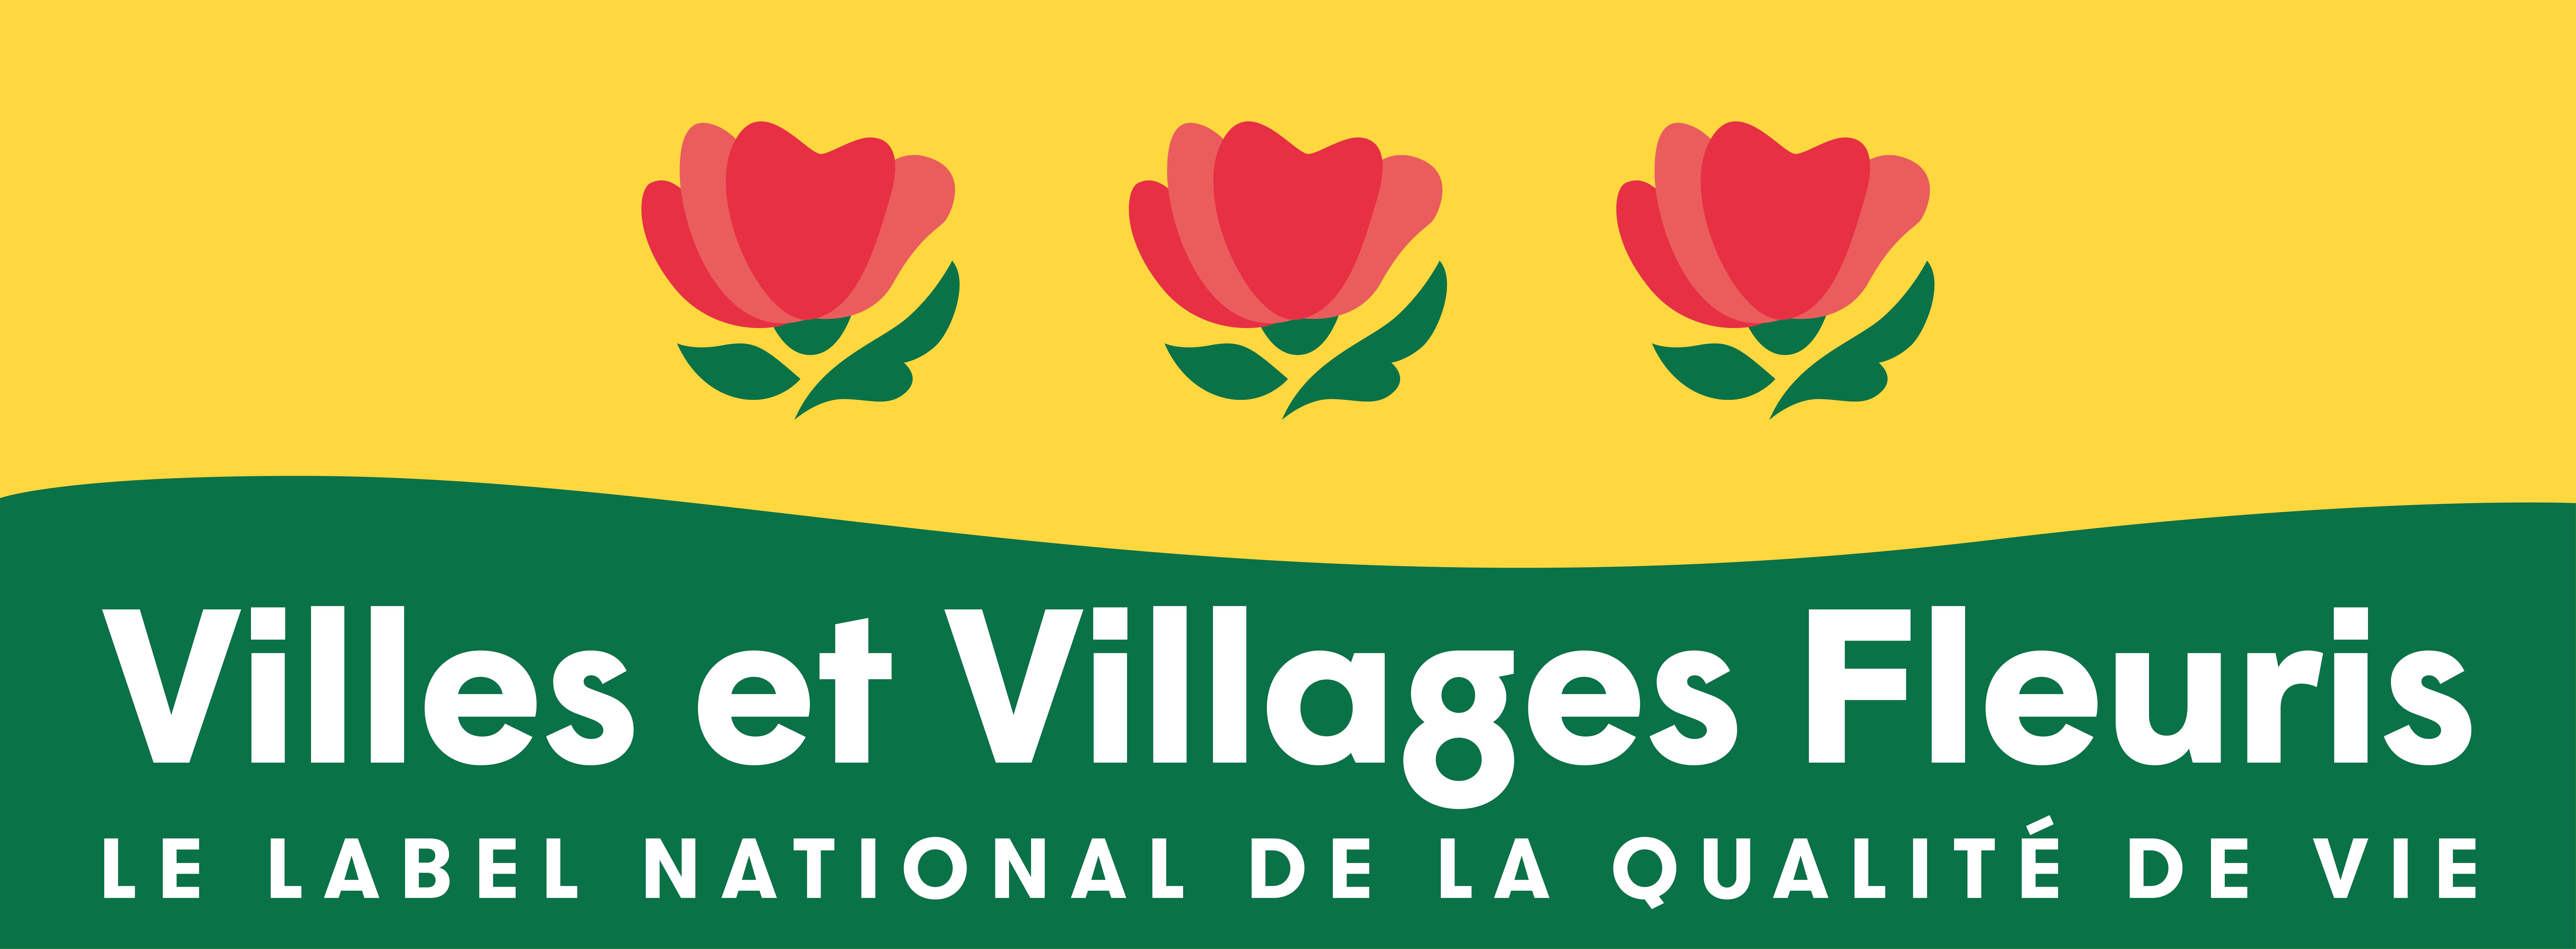 villes_et_villages_fleuris_3_fleurs